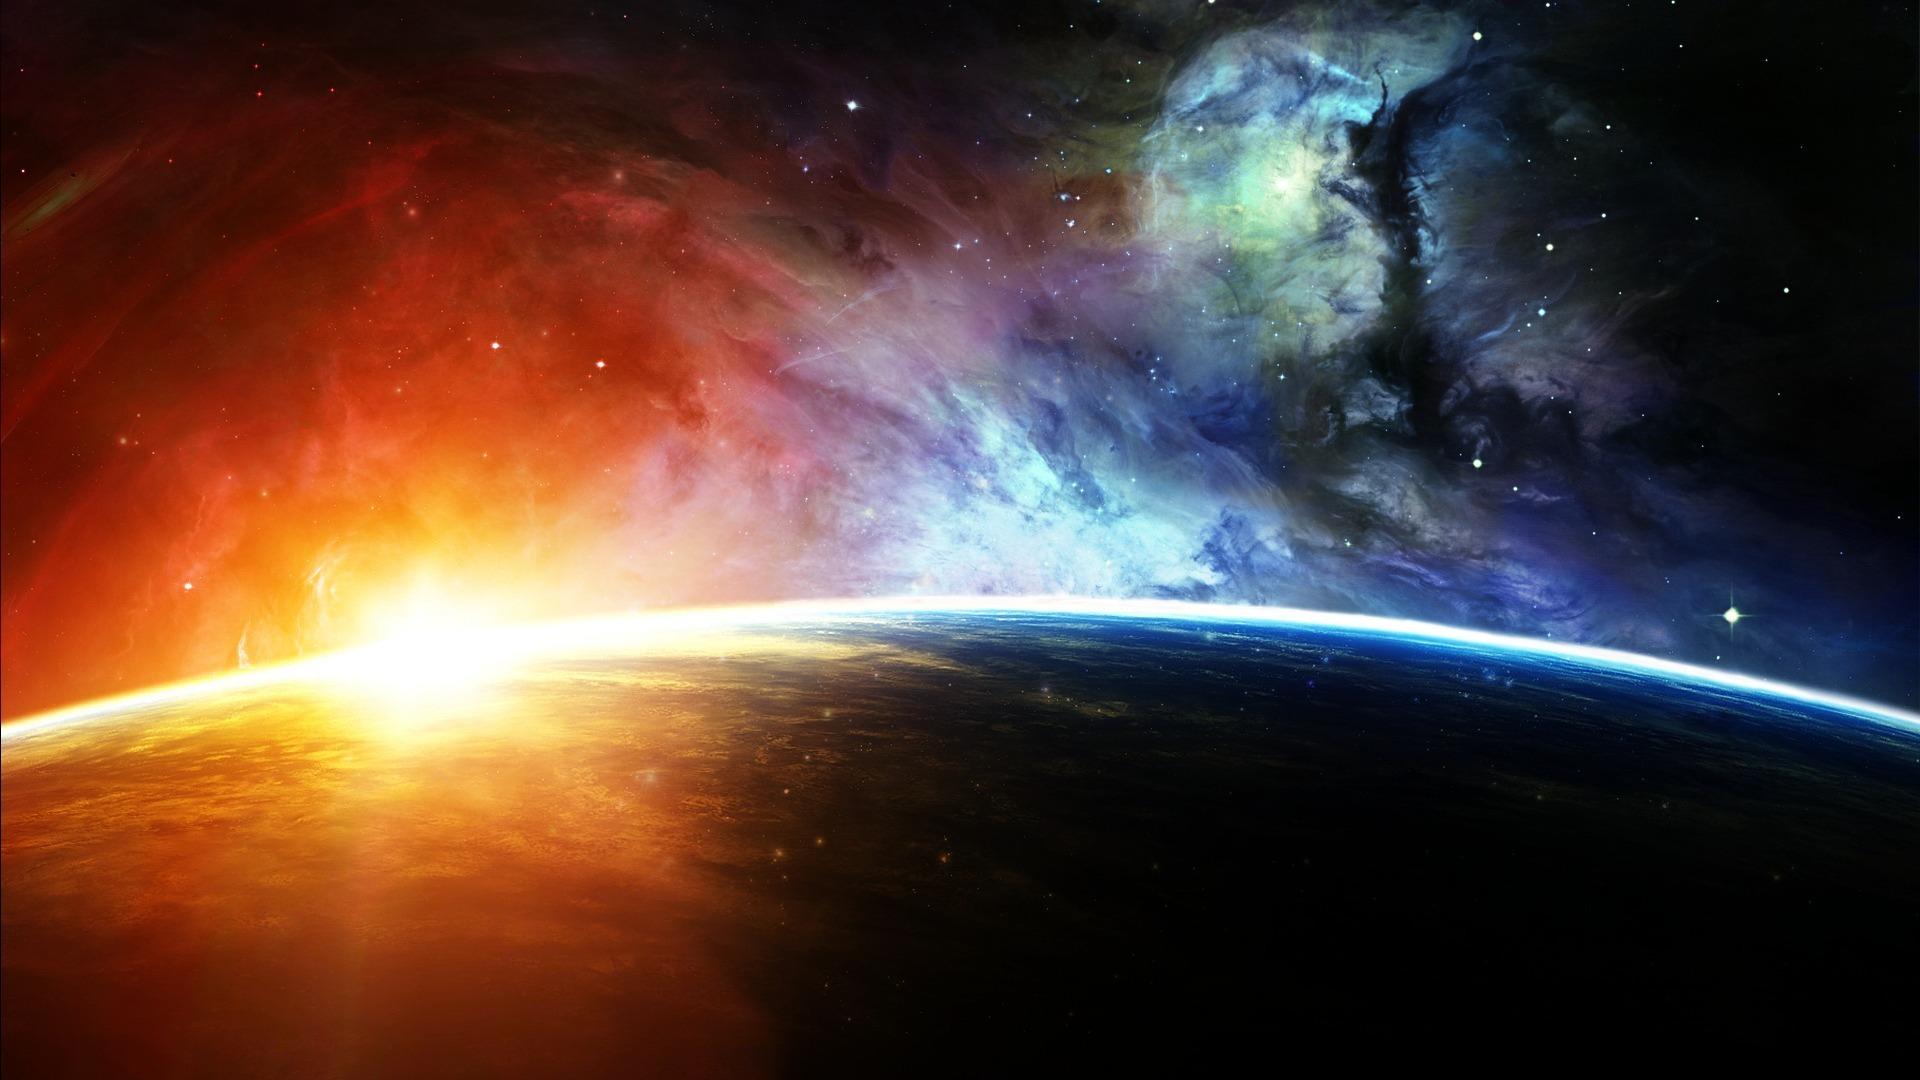 Обои Свечение за планетами картинки на рабочий стол на тему Космос - скачать  № 1772701 без смс